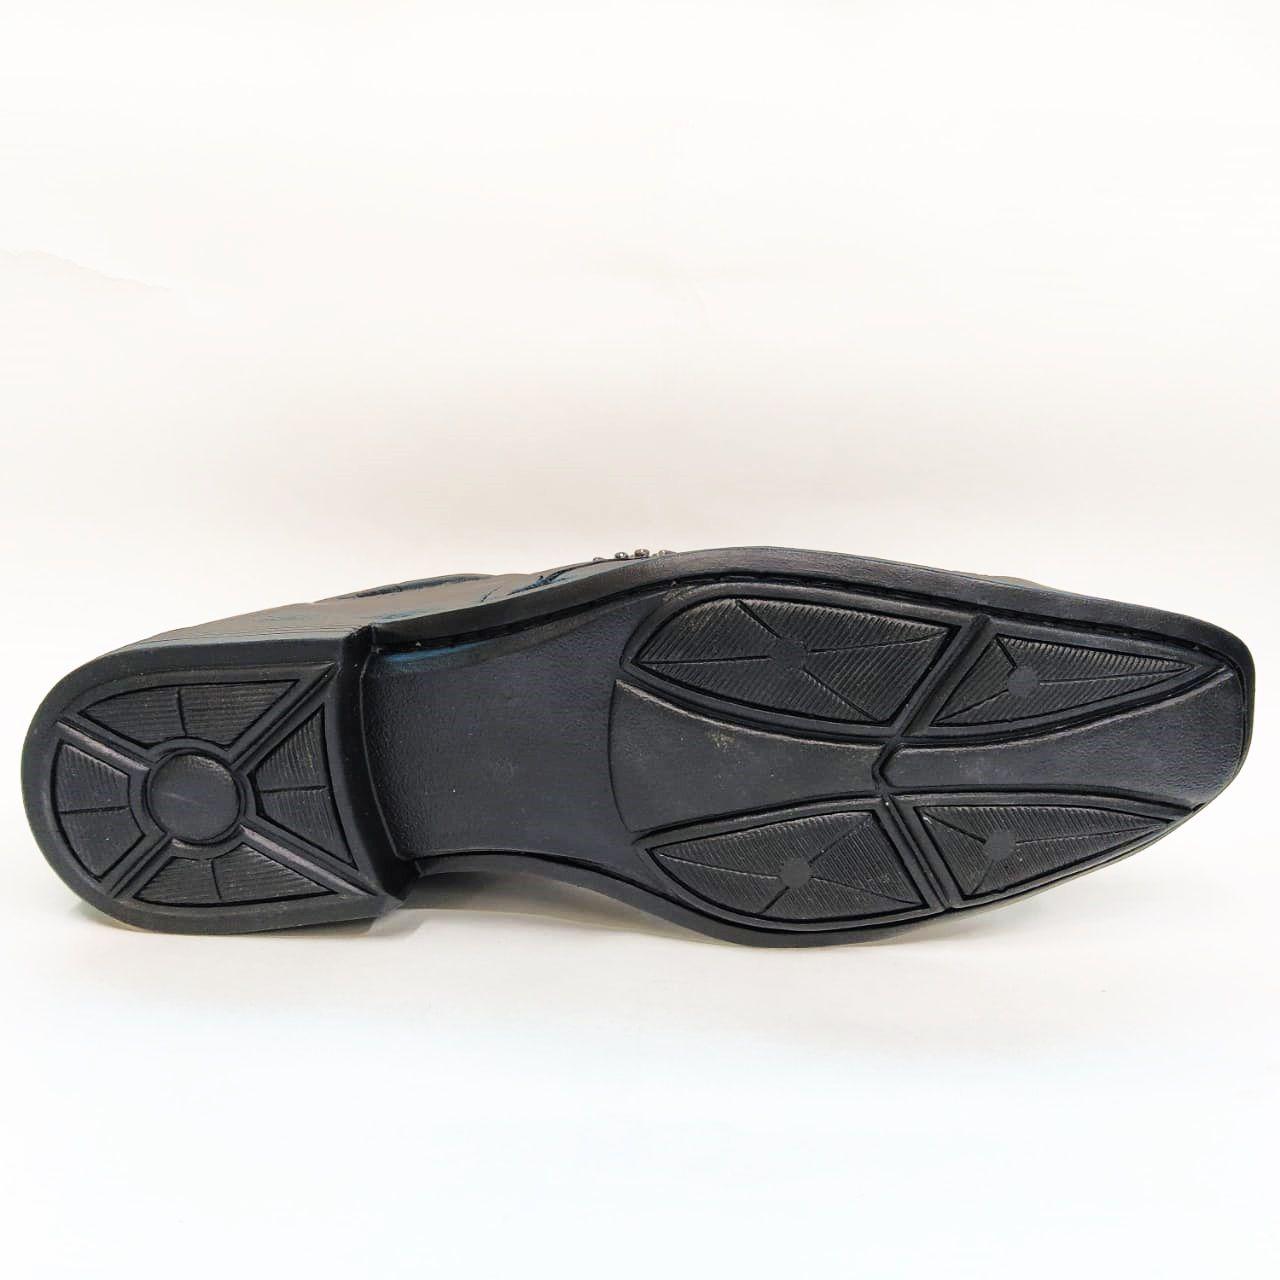 Sapato social em couro Frangarcia 573 - Preto